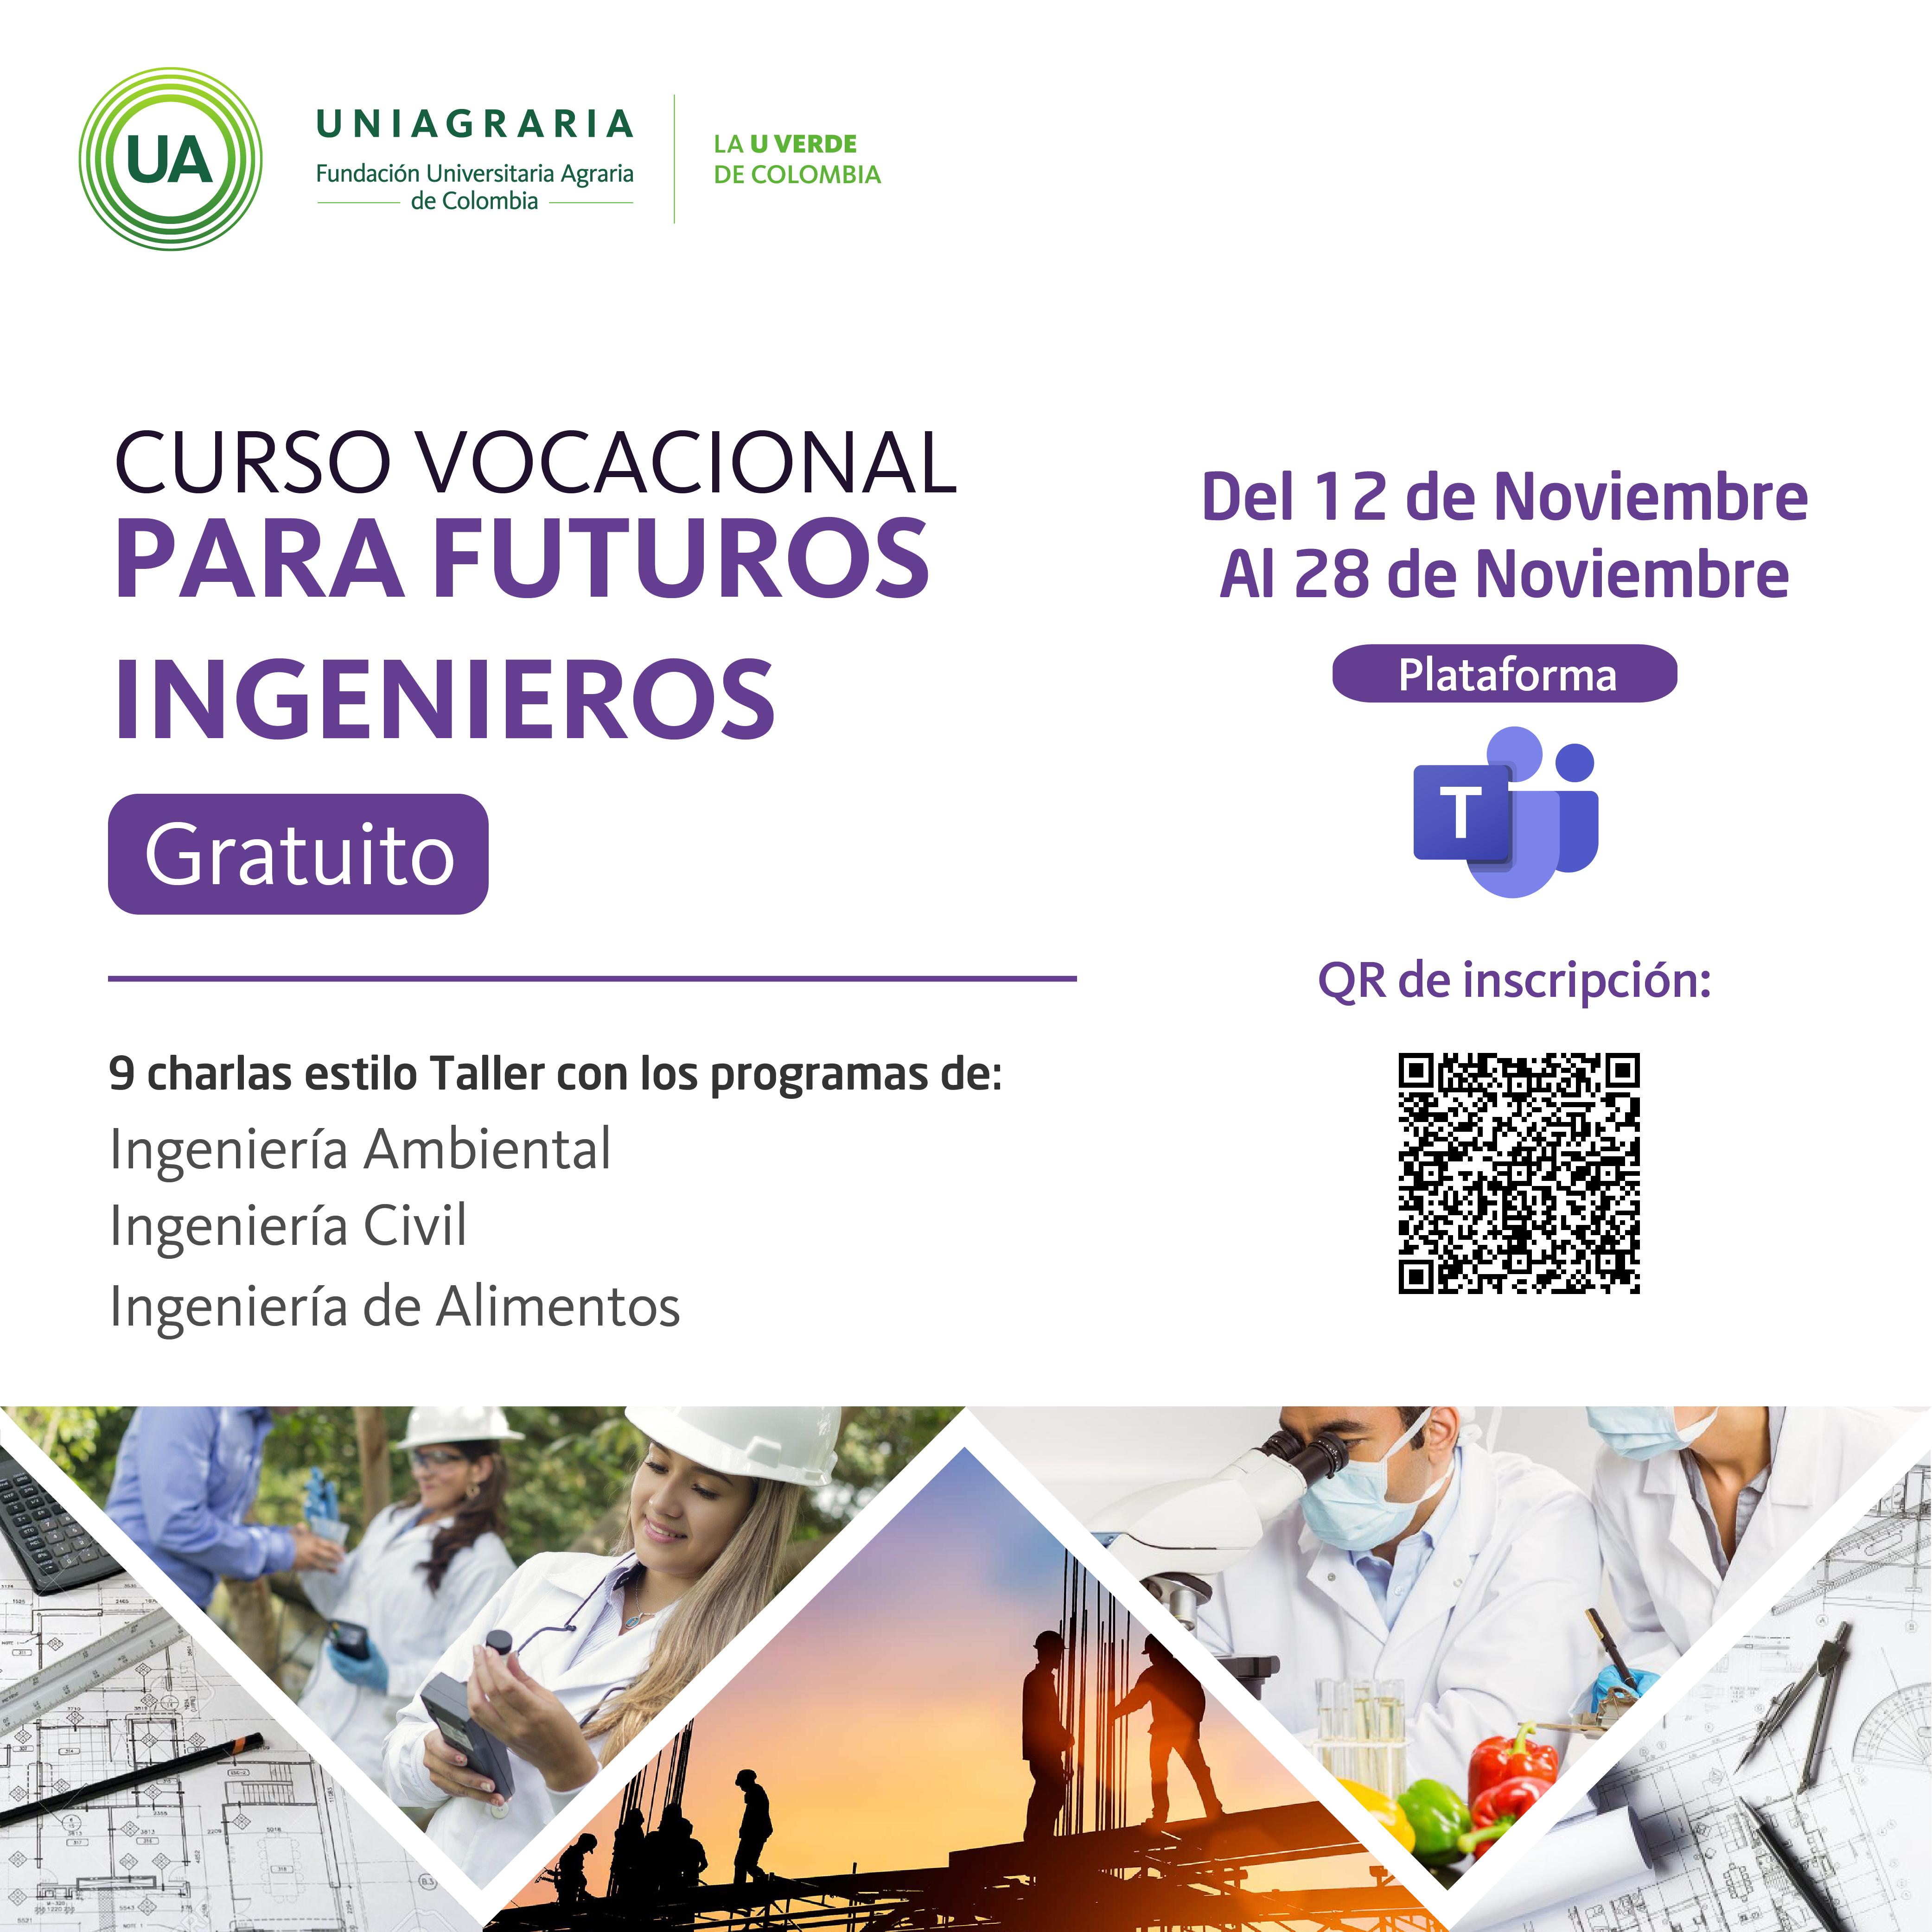 Curso vocacional para futuros Ingenieros